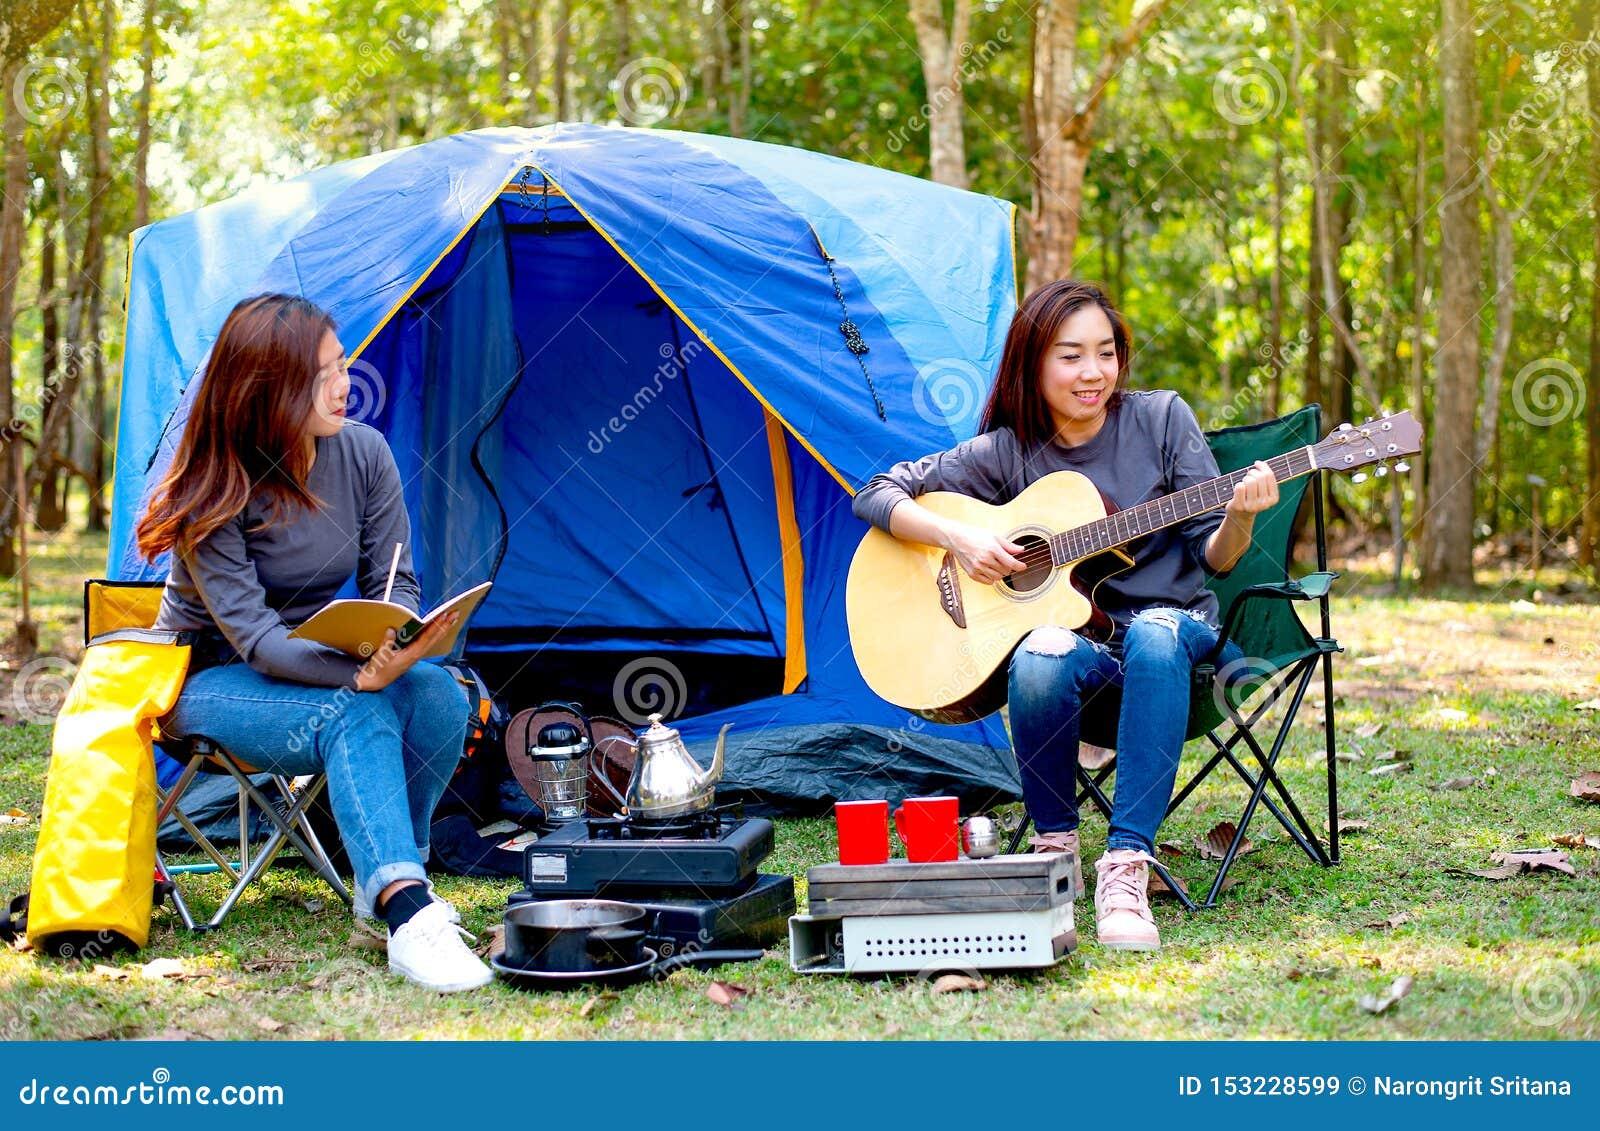 Una mujer tocar la guitarra mientras que la otra registra algo durante acampar en bosque y la mirada como sienten la diversión y